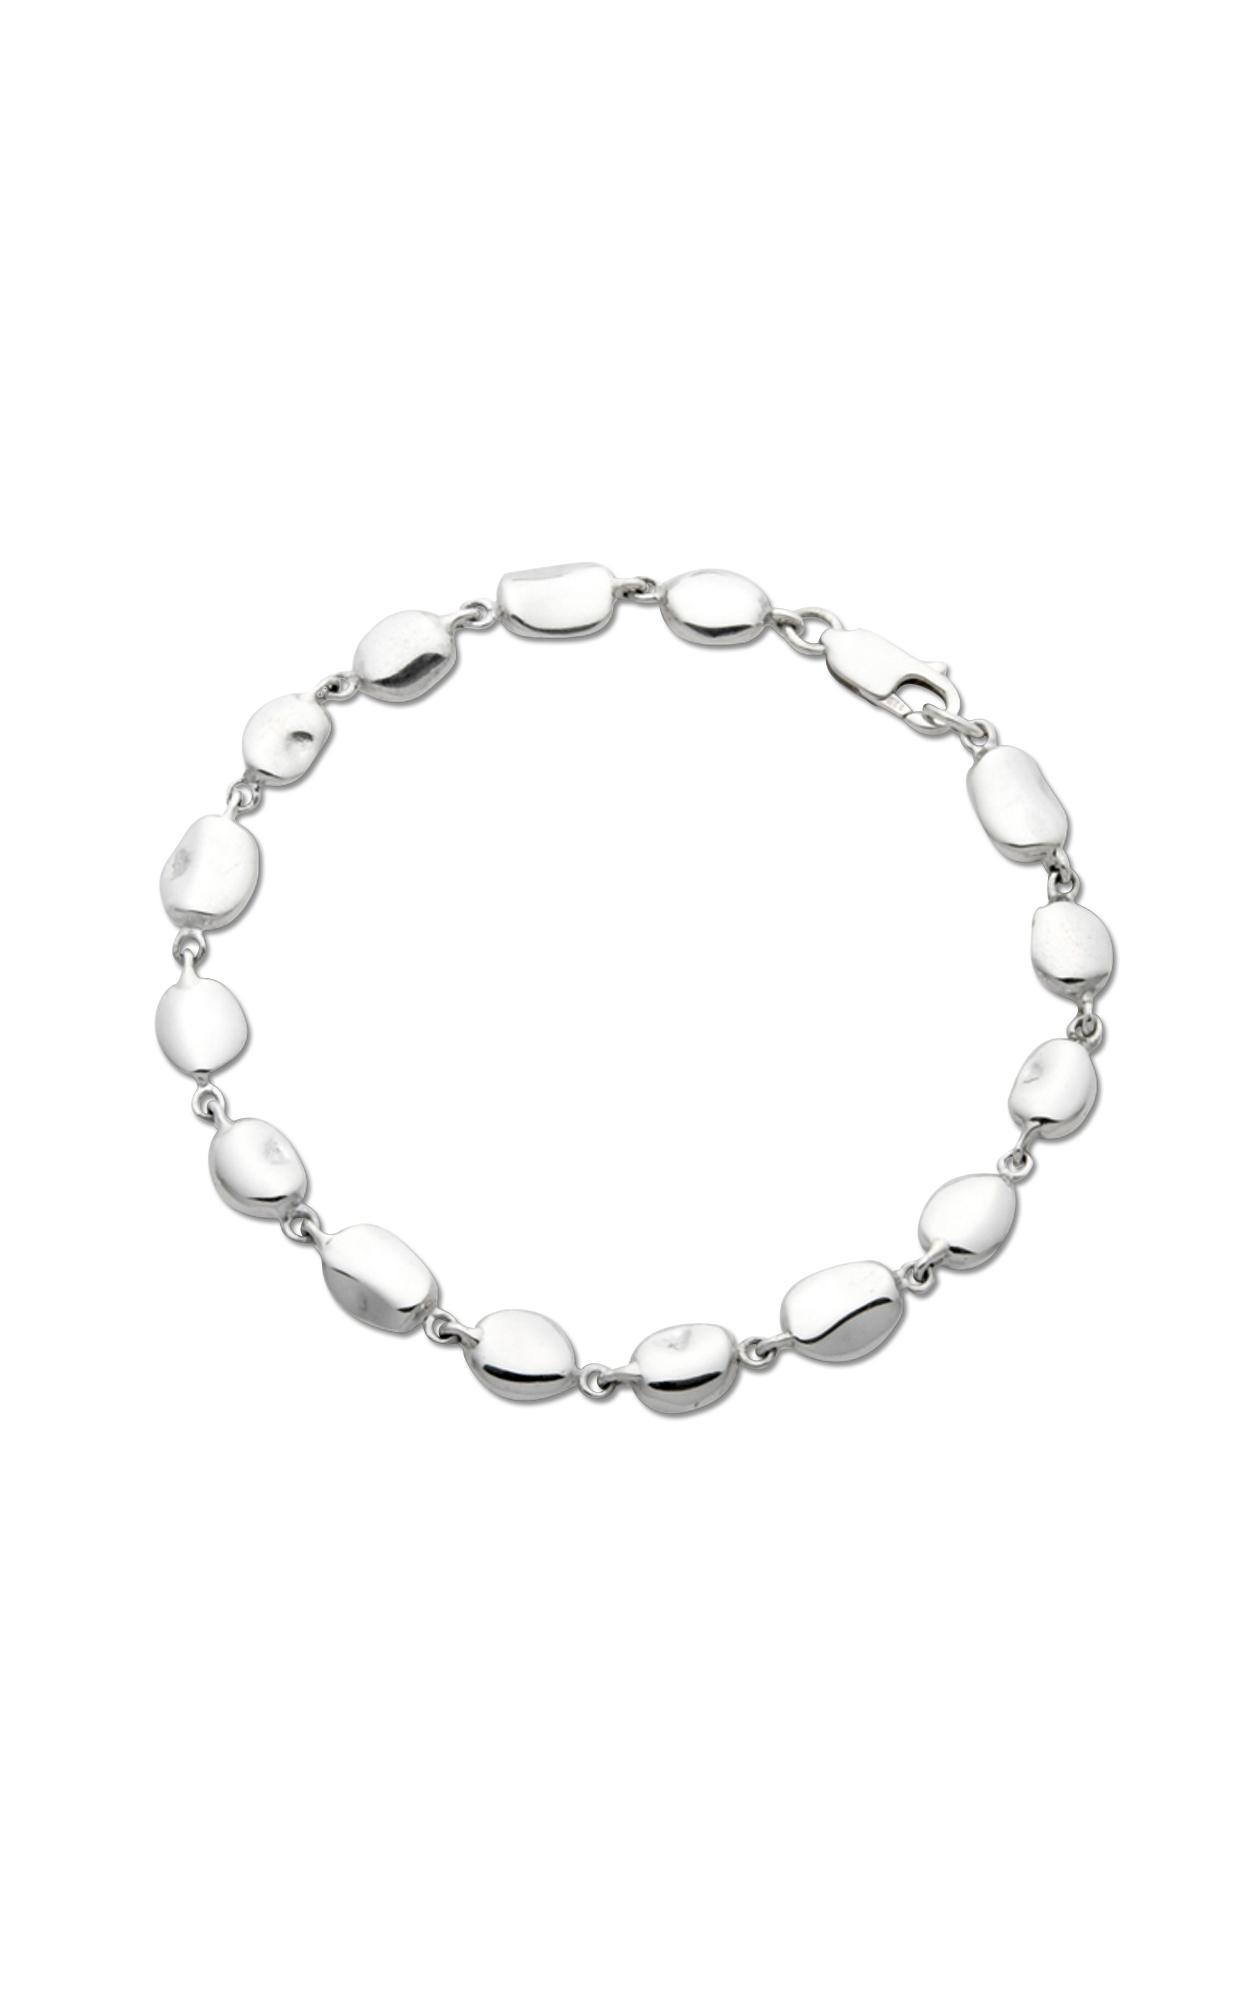 Zina Touchstone Bracelet A273-7 product image